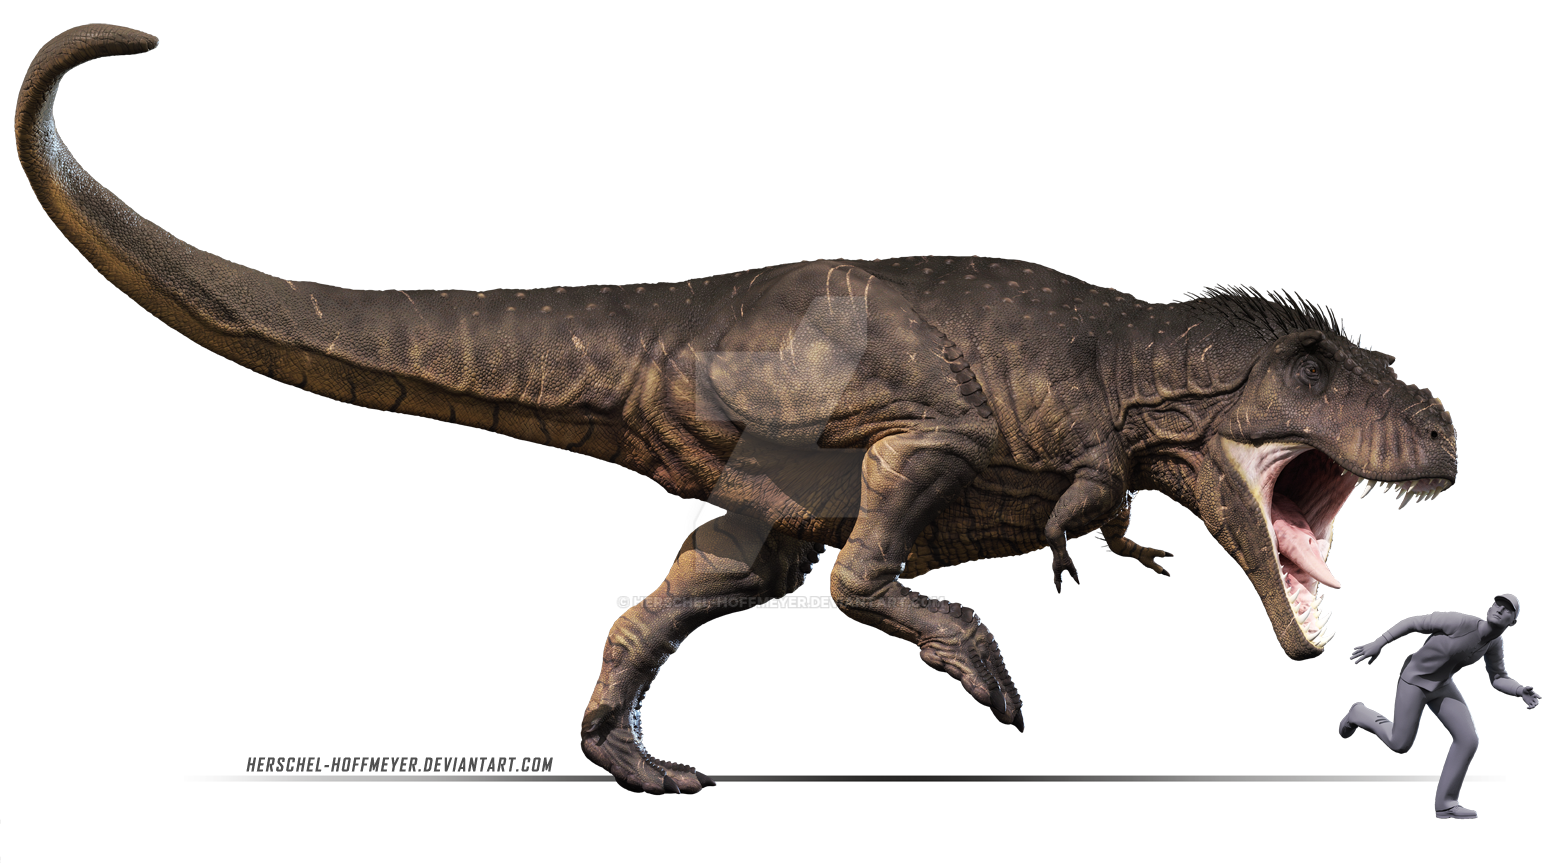 Tyrannosaurus rex by herschel hoffmeyer on deviantart for Tyranosaurus rex